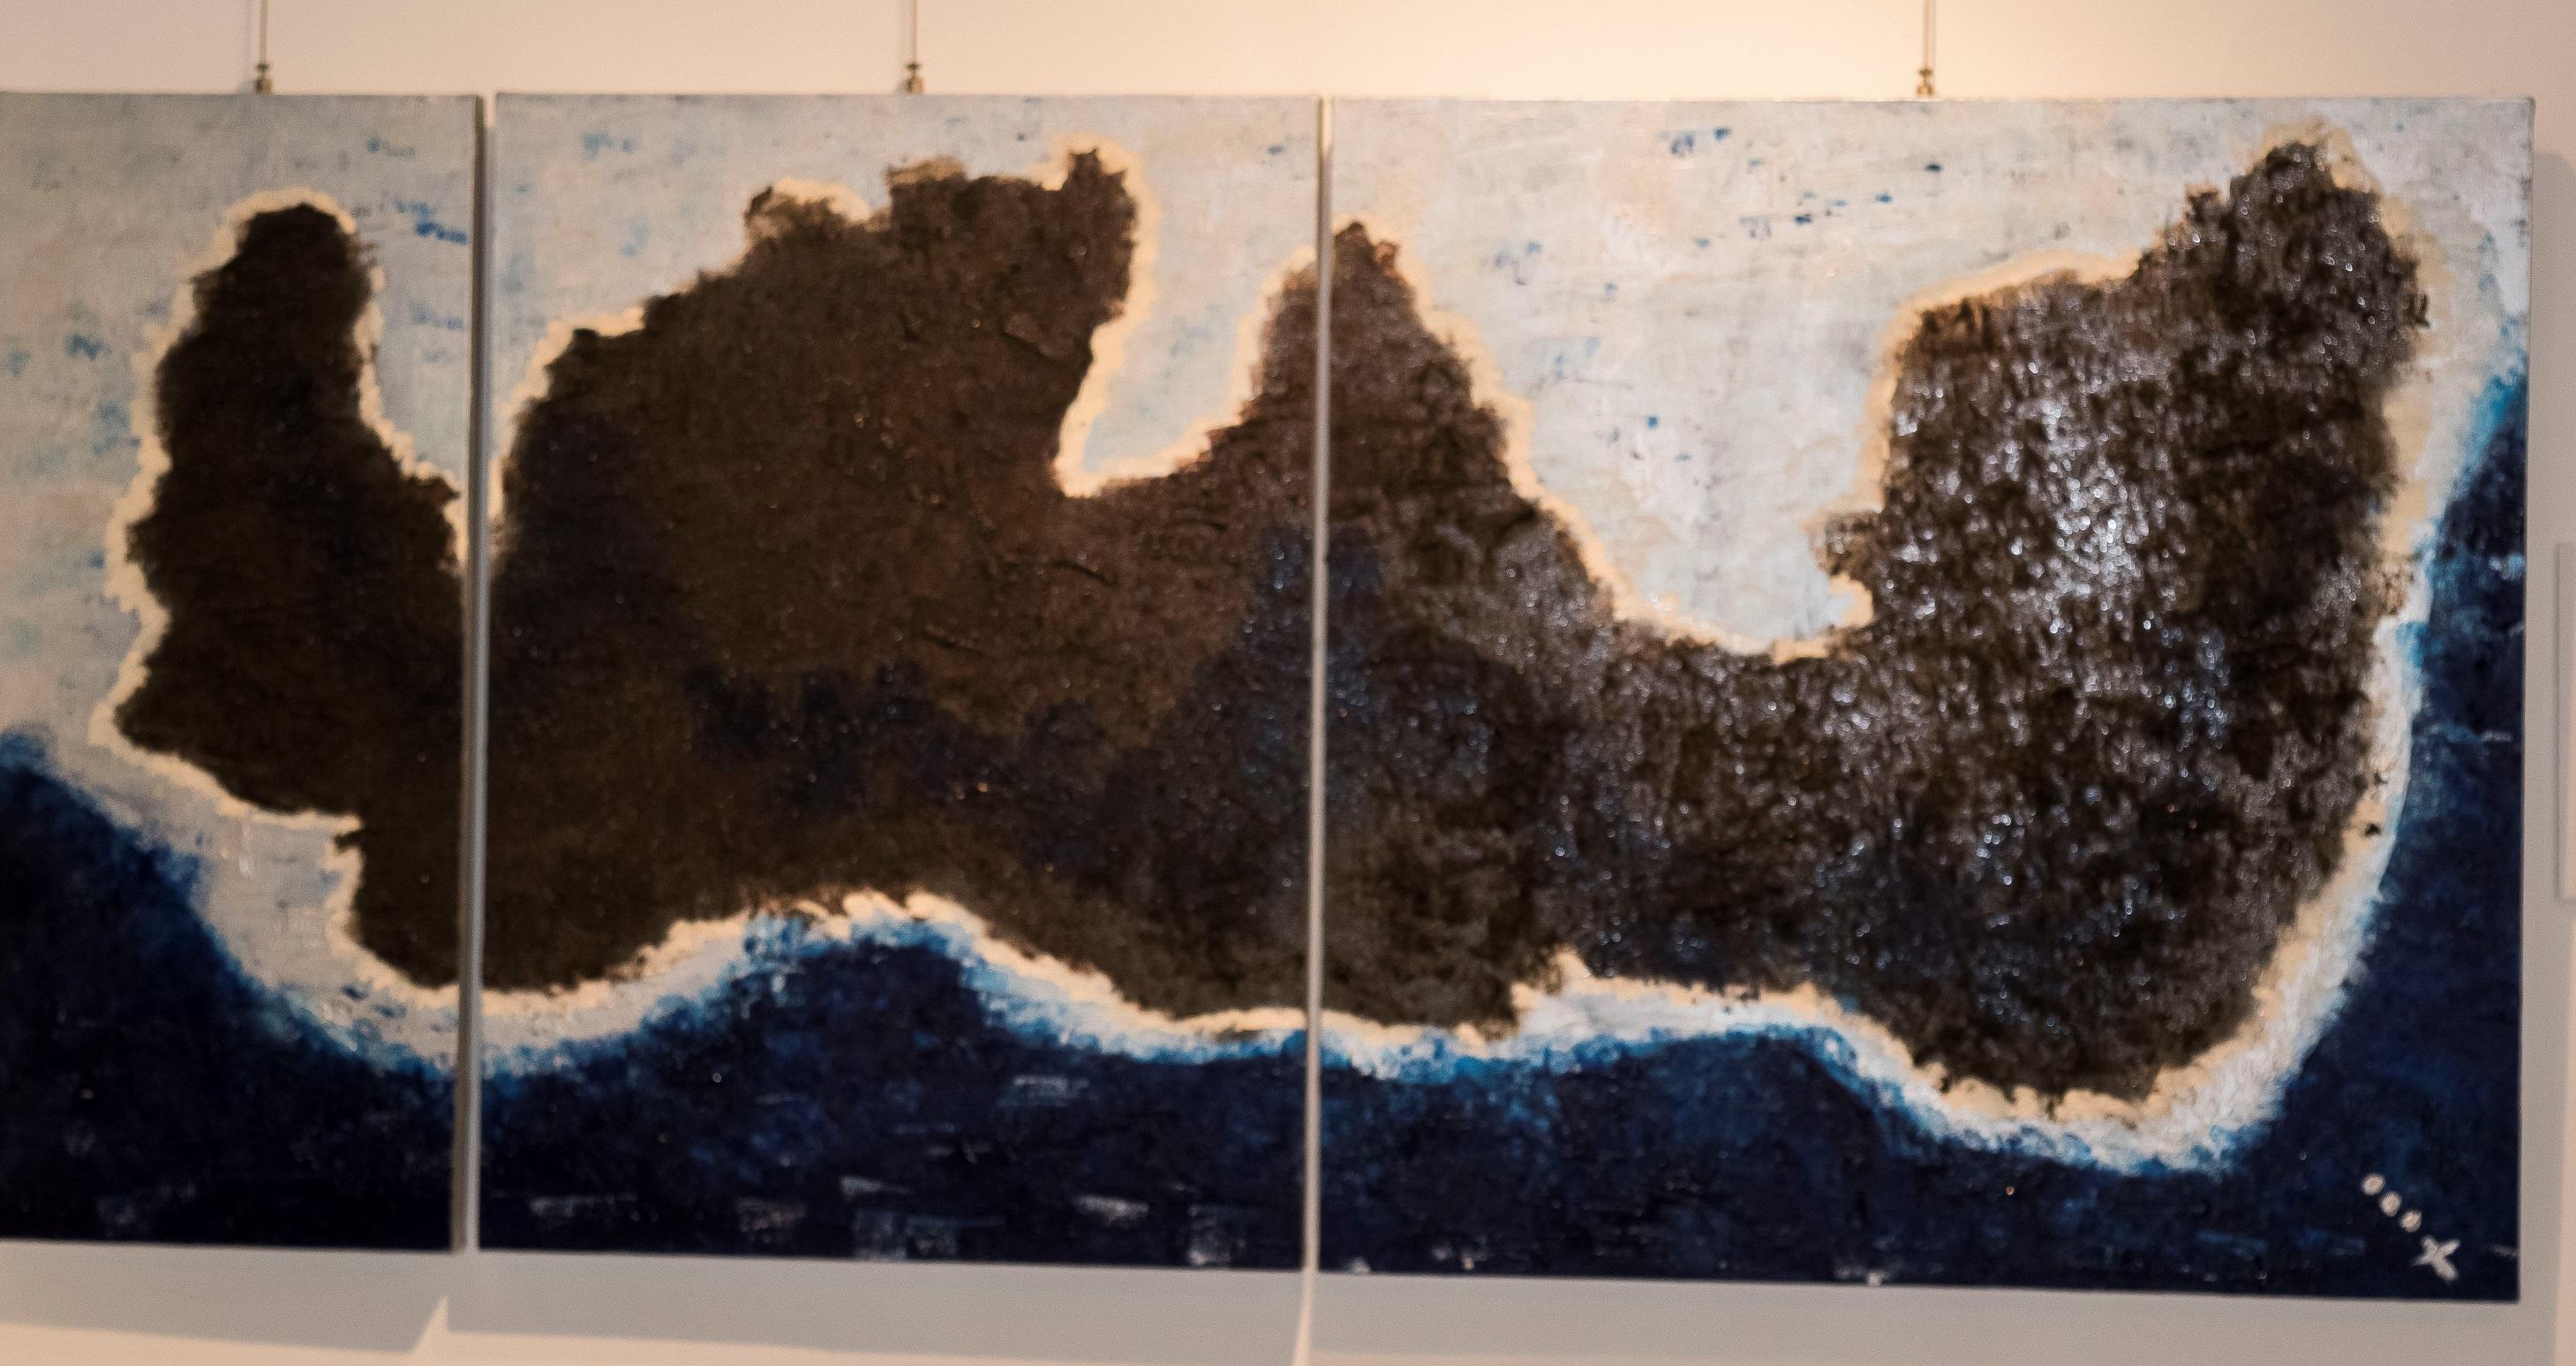 Tríptico/ 70 x 150 cm/ Charo Artadi/ Perú 2018